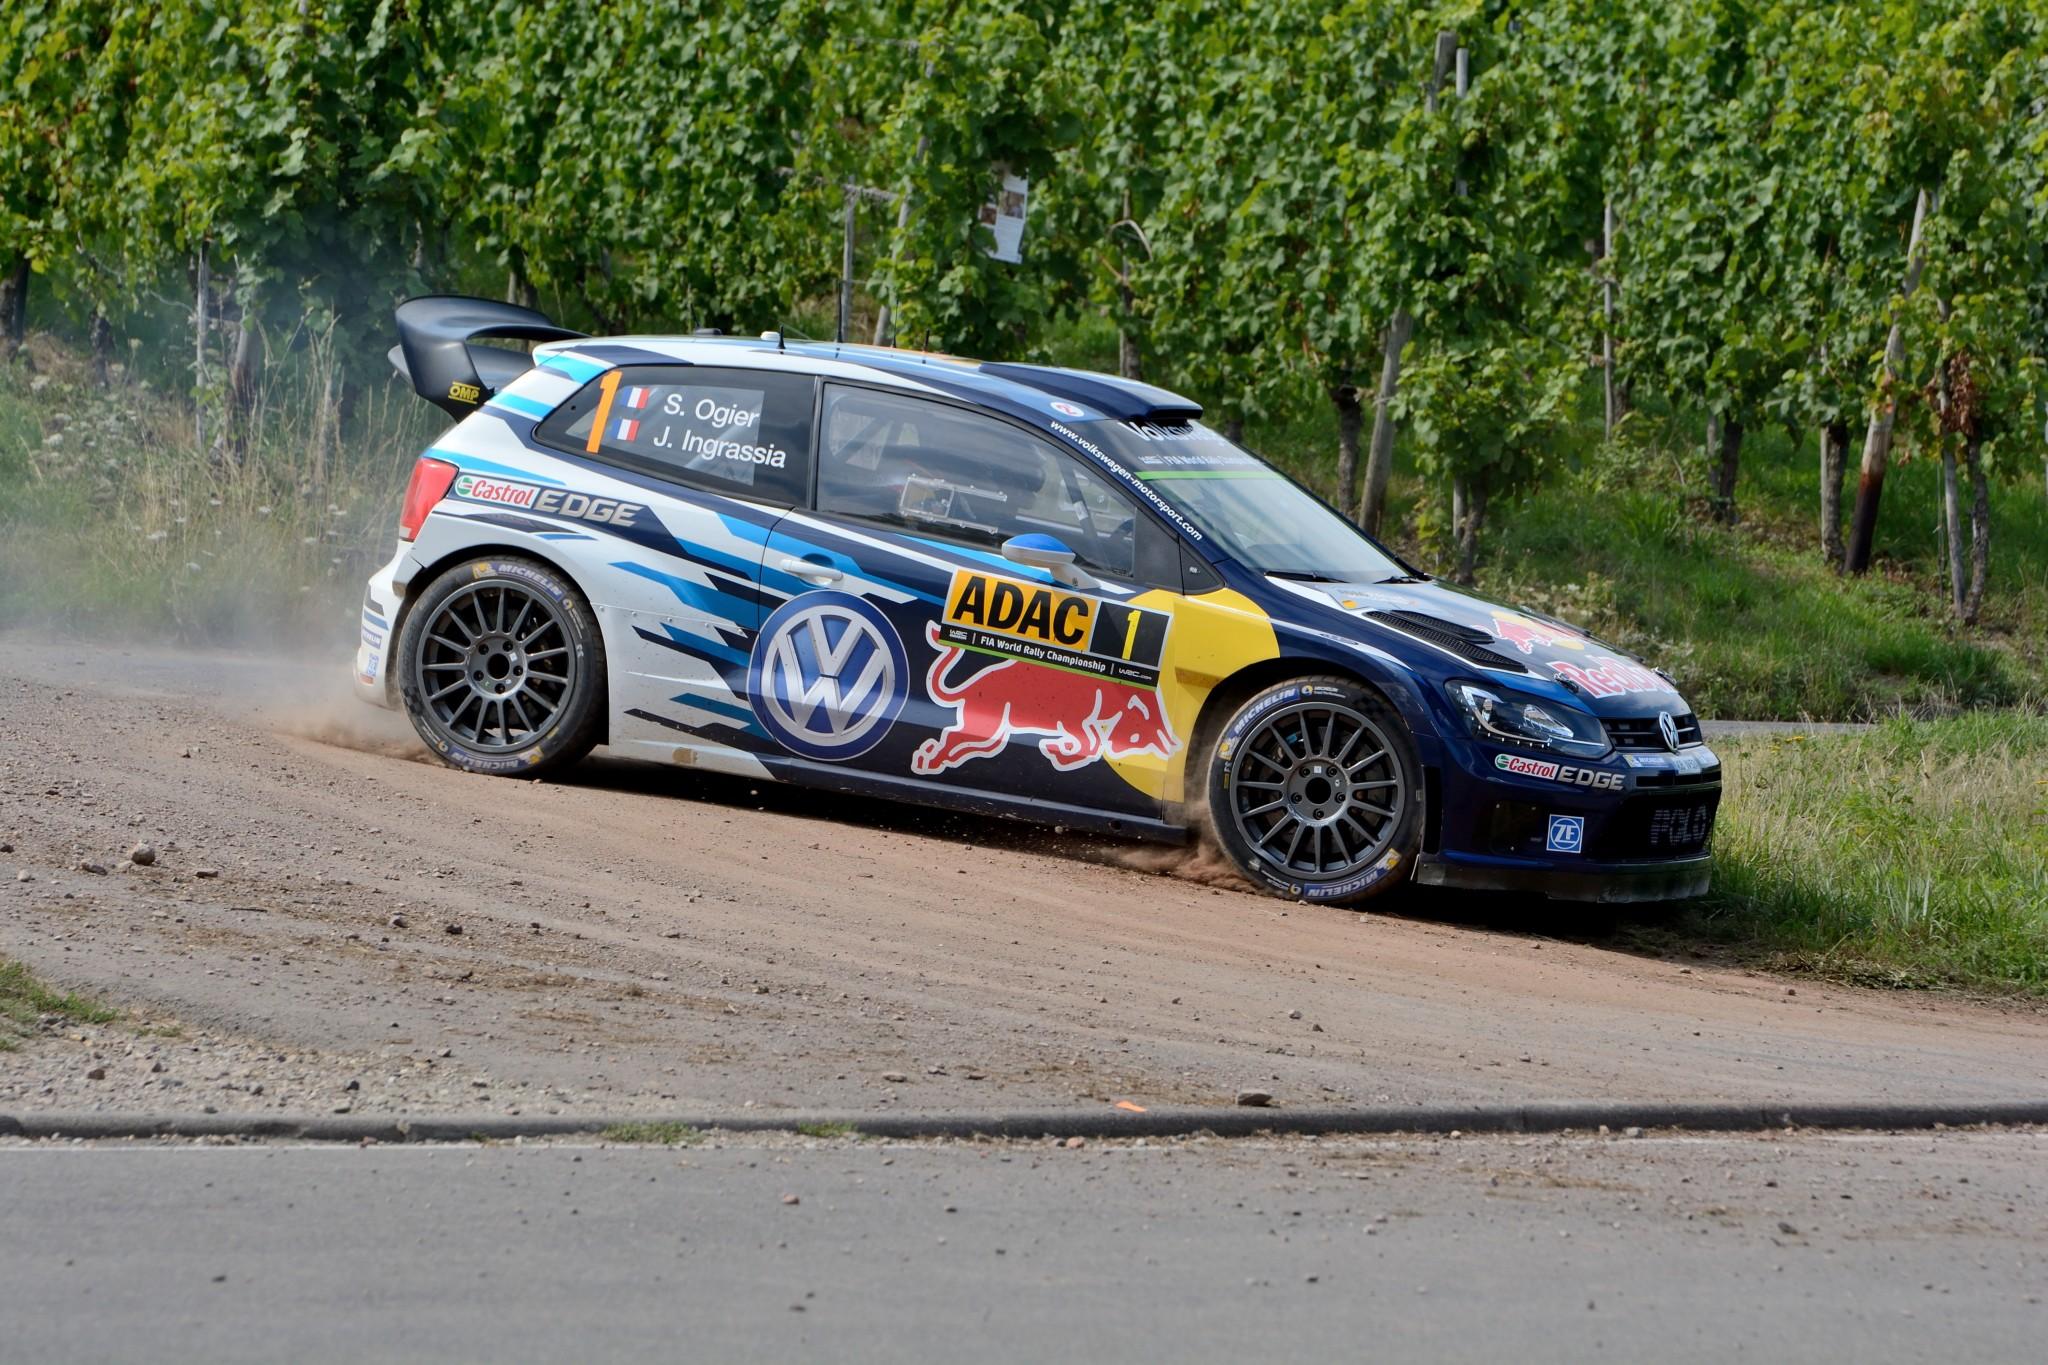 ADAC 2015: Volkswagen sfata il tabù dei due anni precedenti vincendo il Rally di casa.